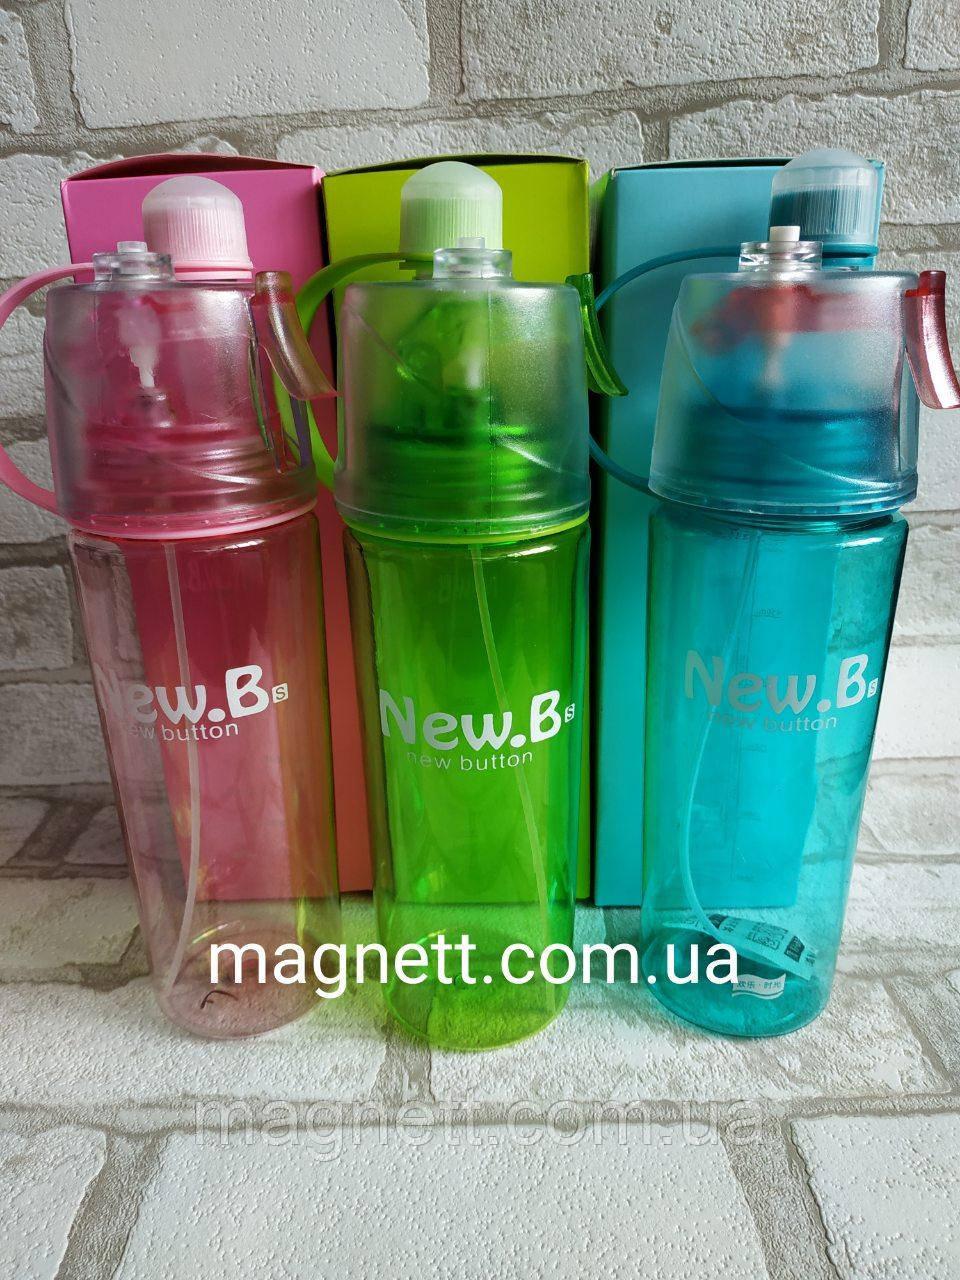 Спортивная бутылка для воды с распылитилем NEW. B 600МЛ